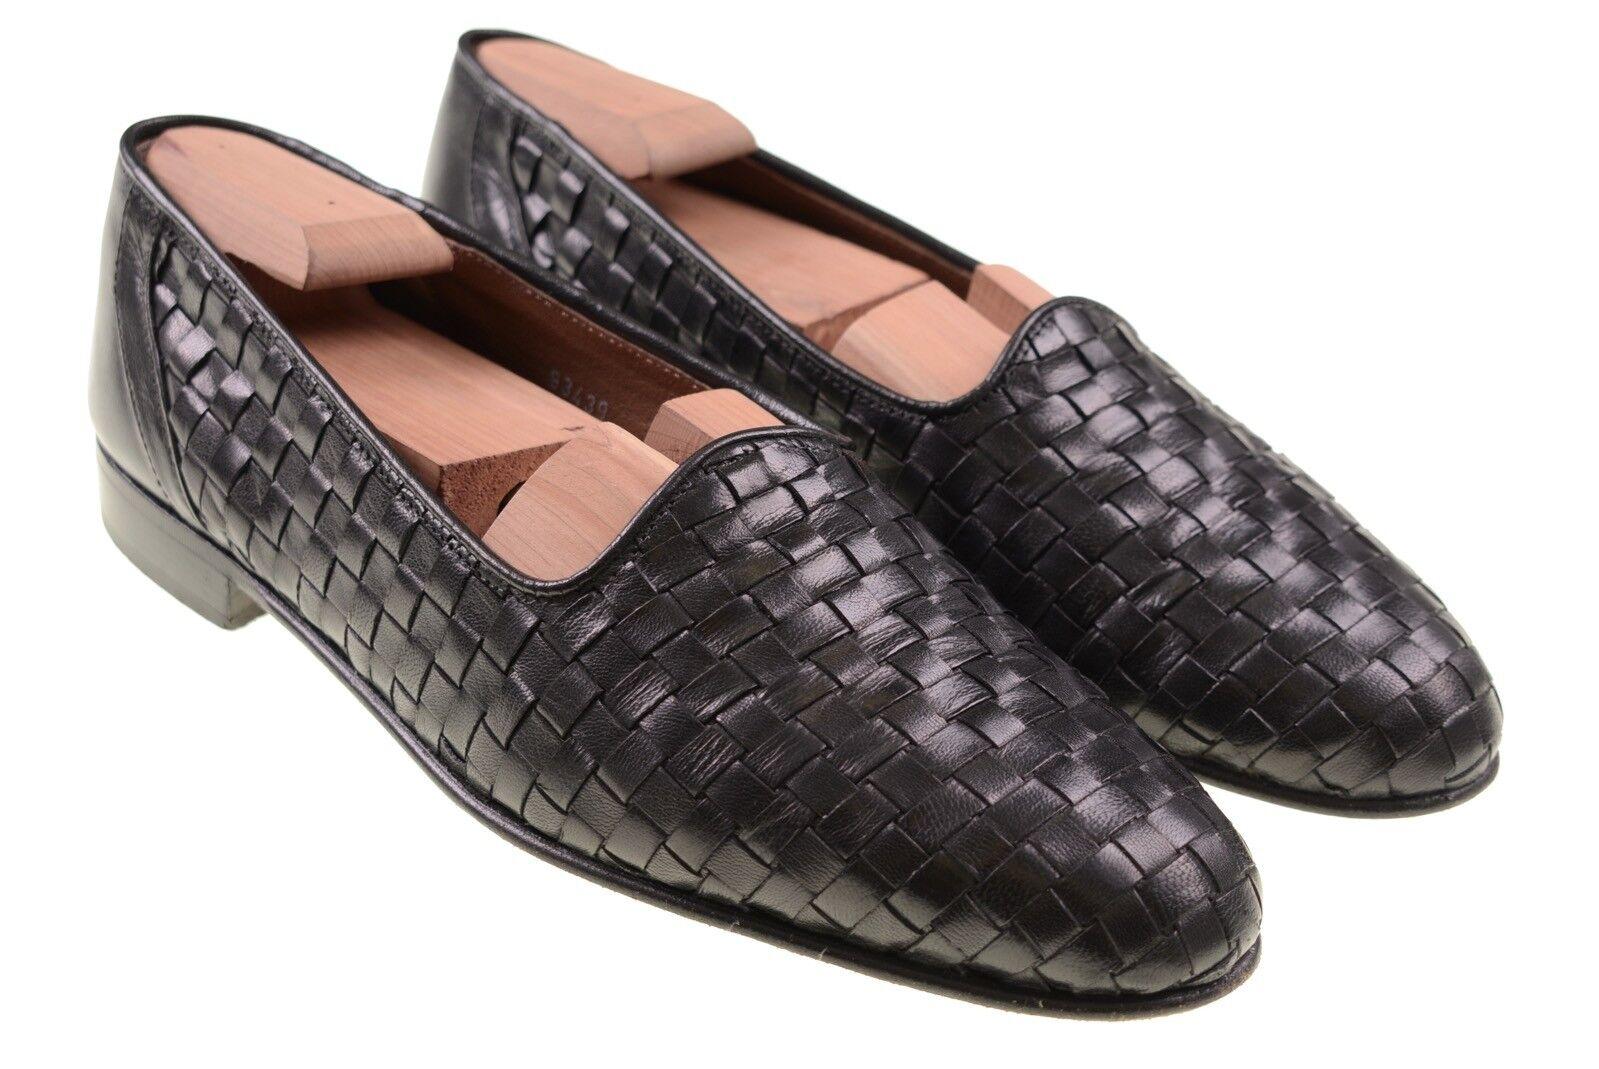 Brass bota Hecho En Italia Cuero Negro Tejido cestería Mocasines zapatos 10 D